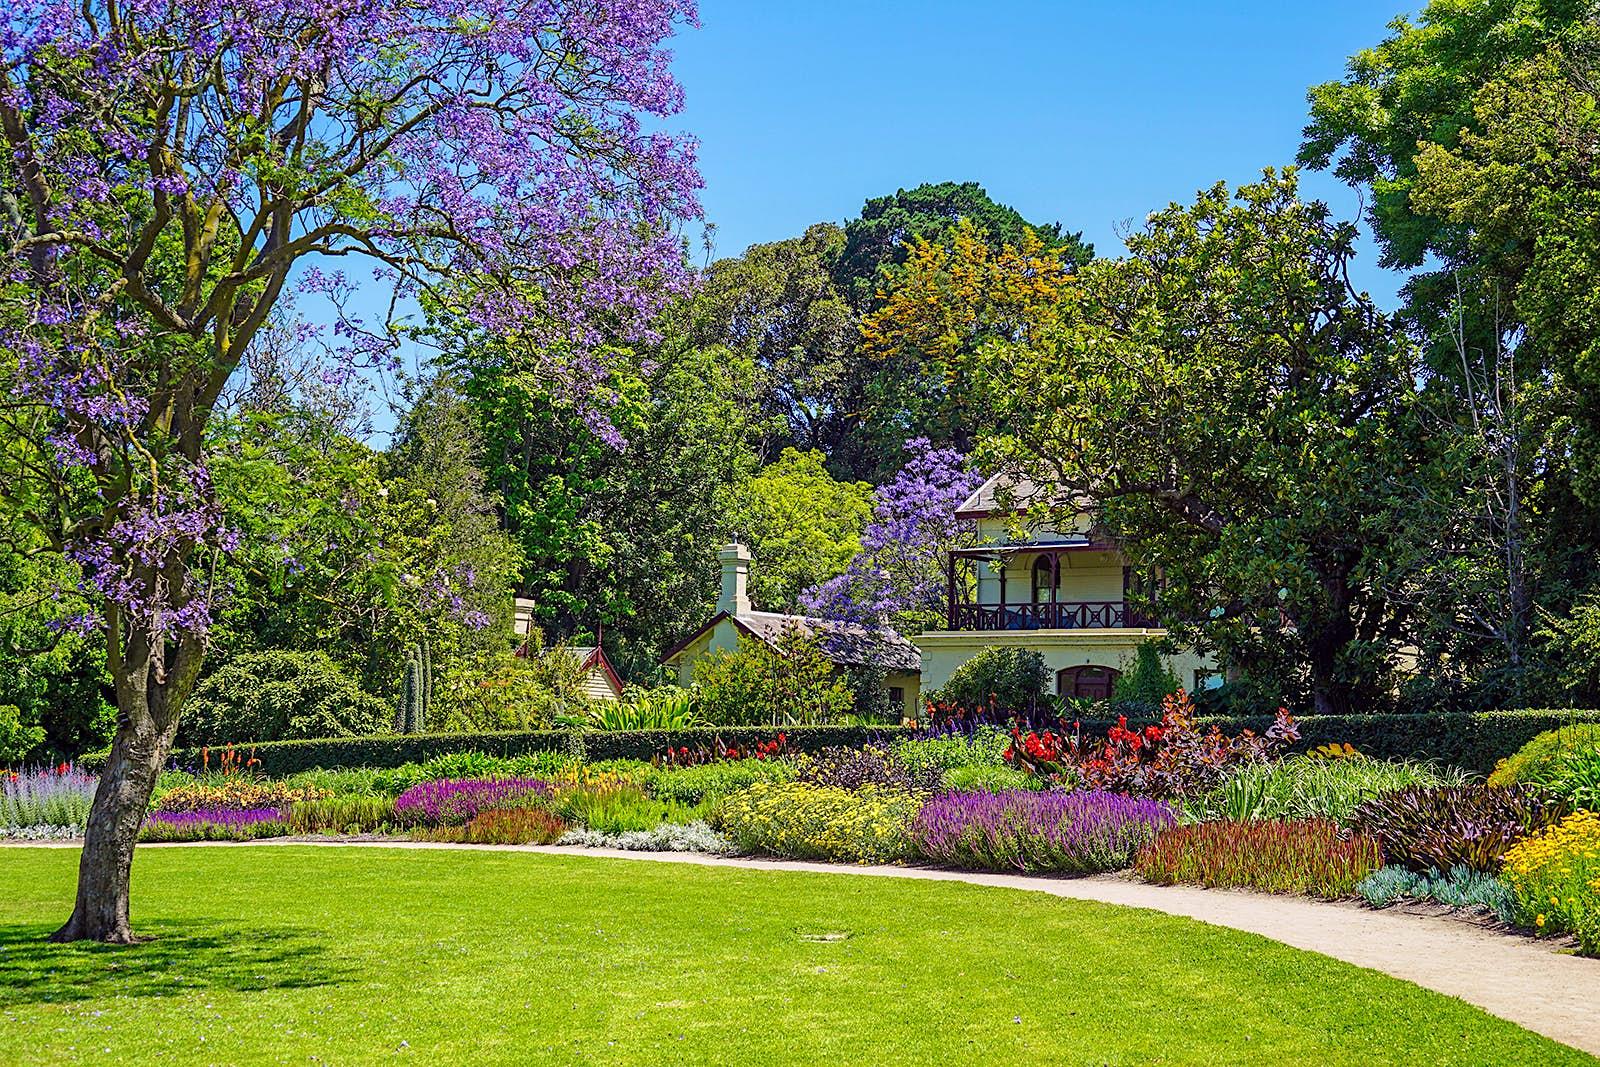 Une image d'un jardin soigné avec des arbustes à fleurs et un arbre en fleurs au Royal Botanic Gardens de Melbourne.